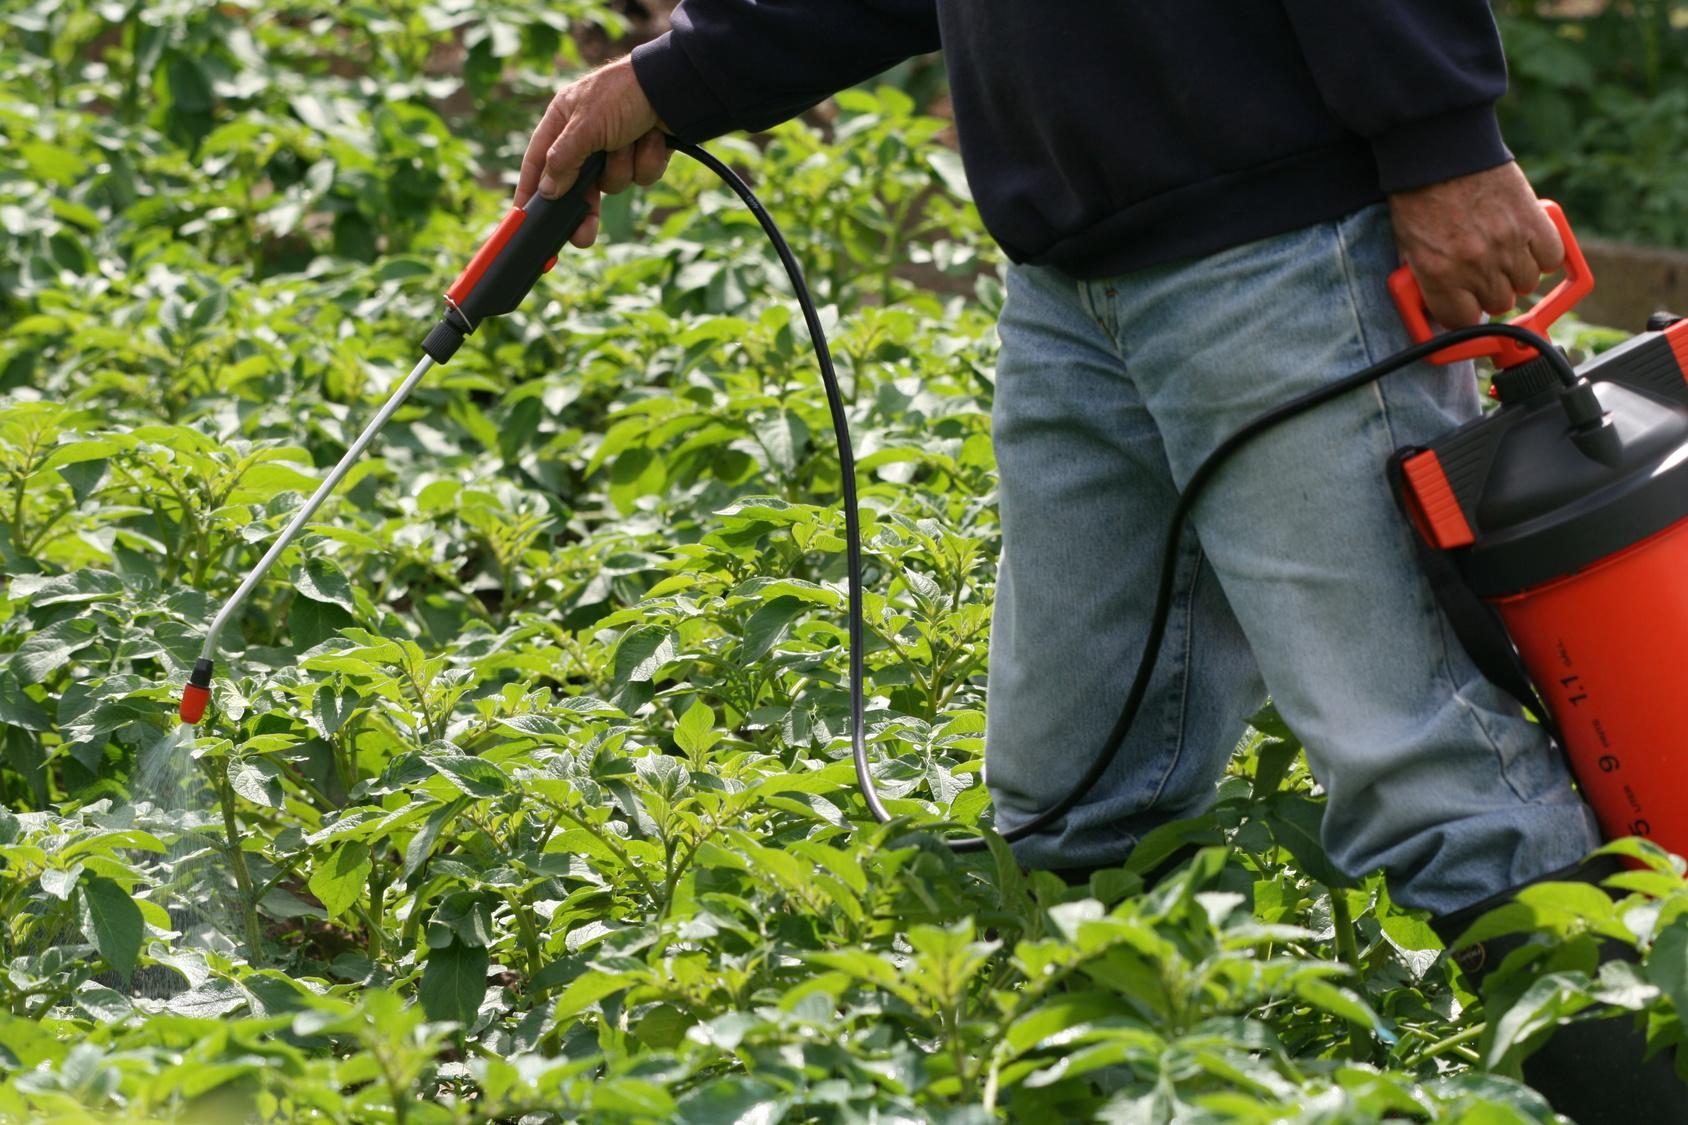 Le d sherbage colo les conseils pour votre jardin de for Aide jardin conseil